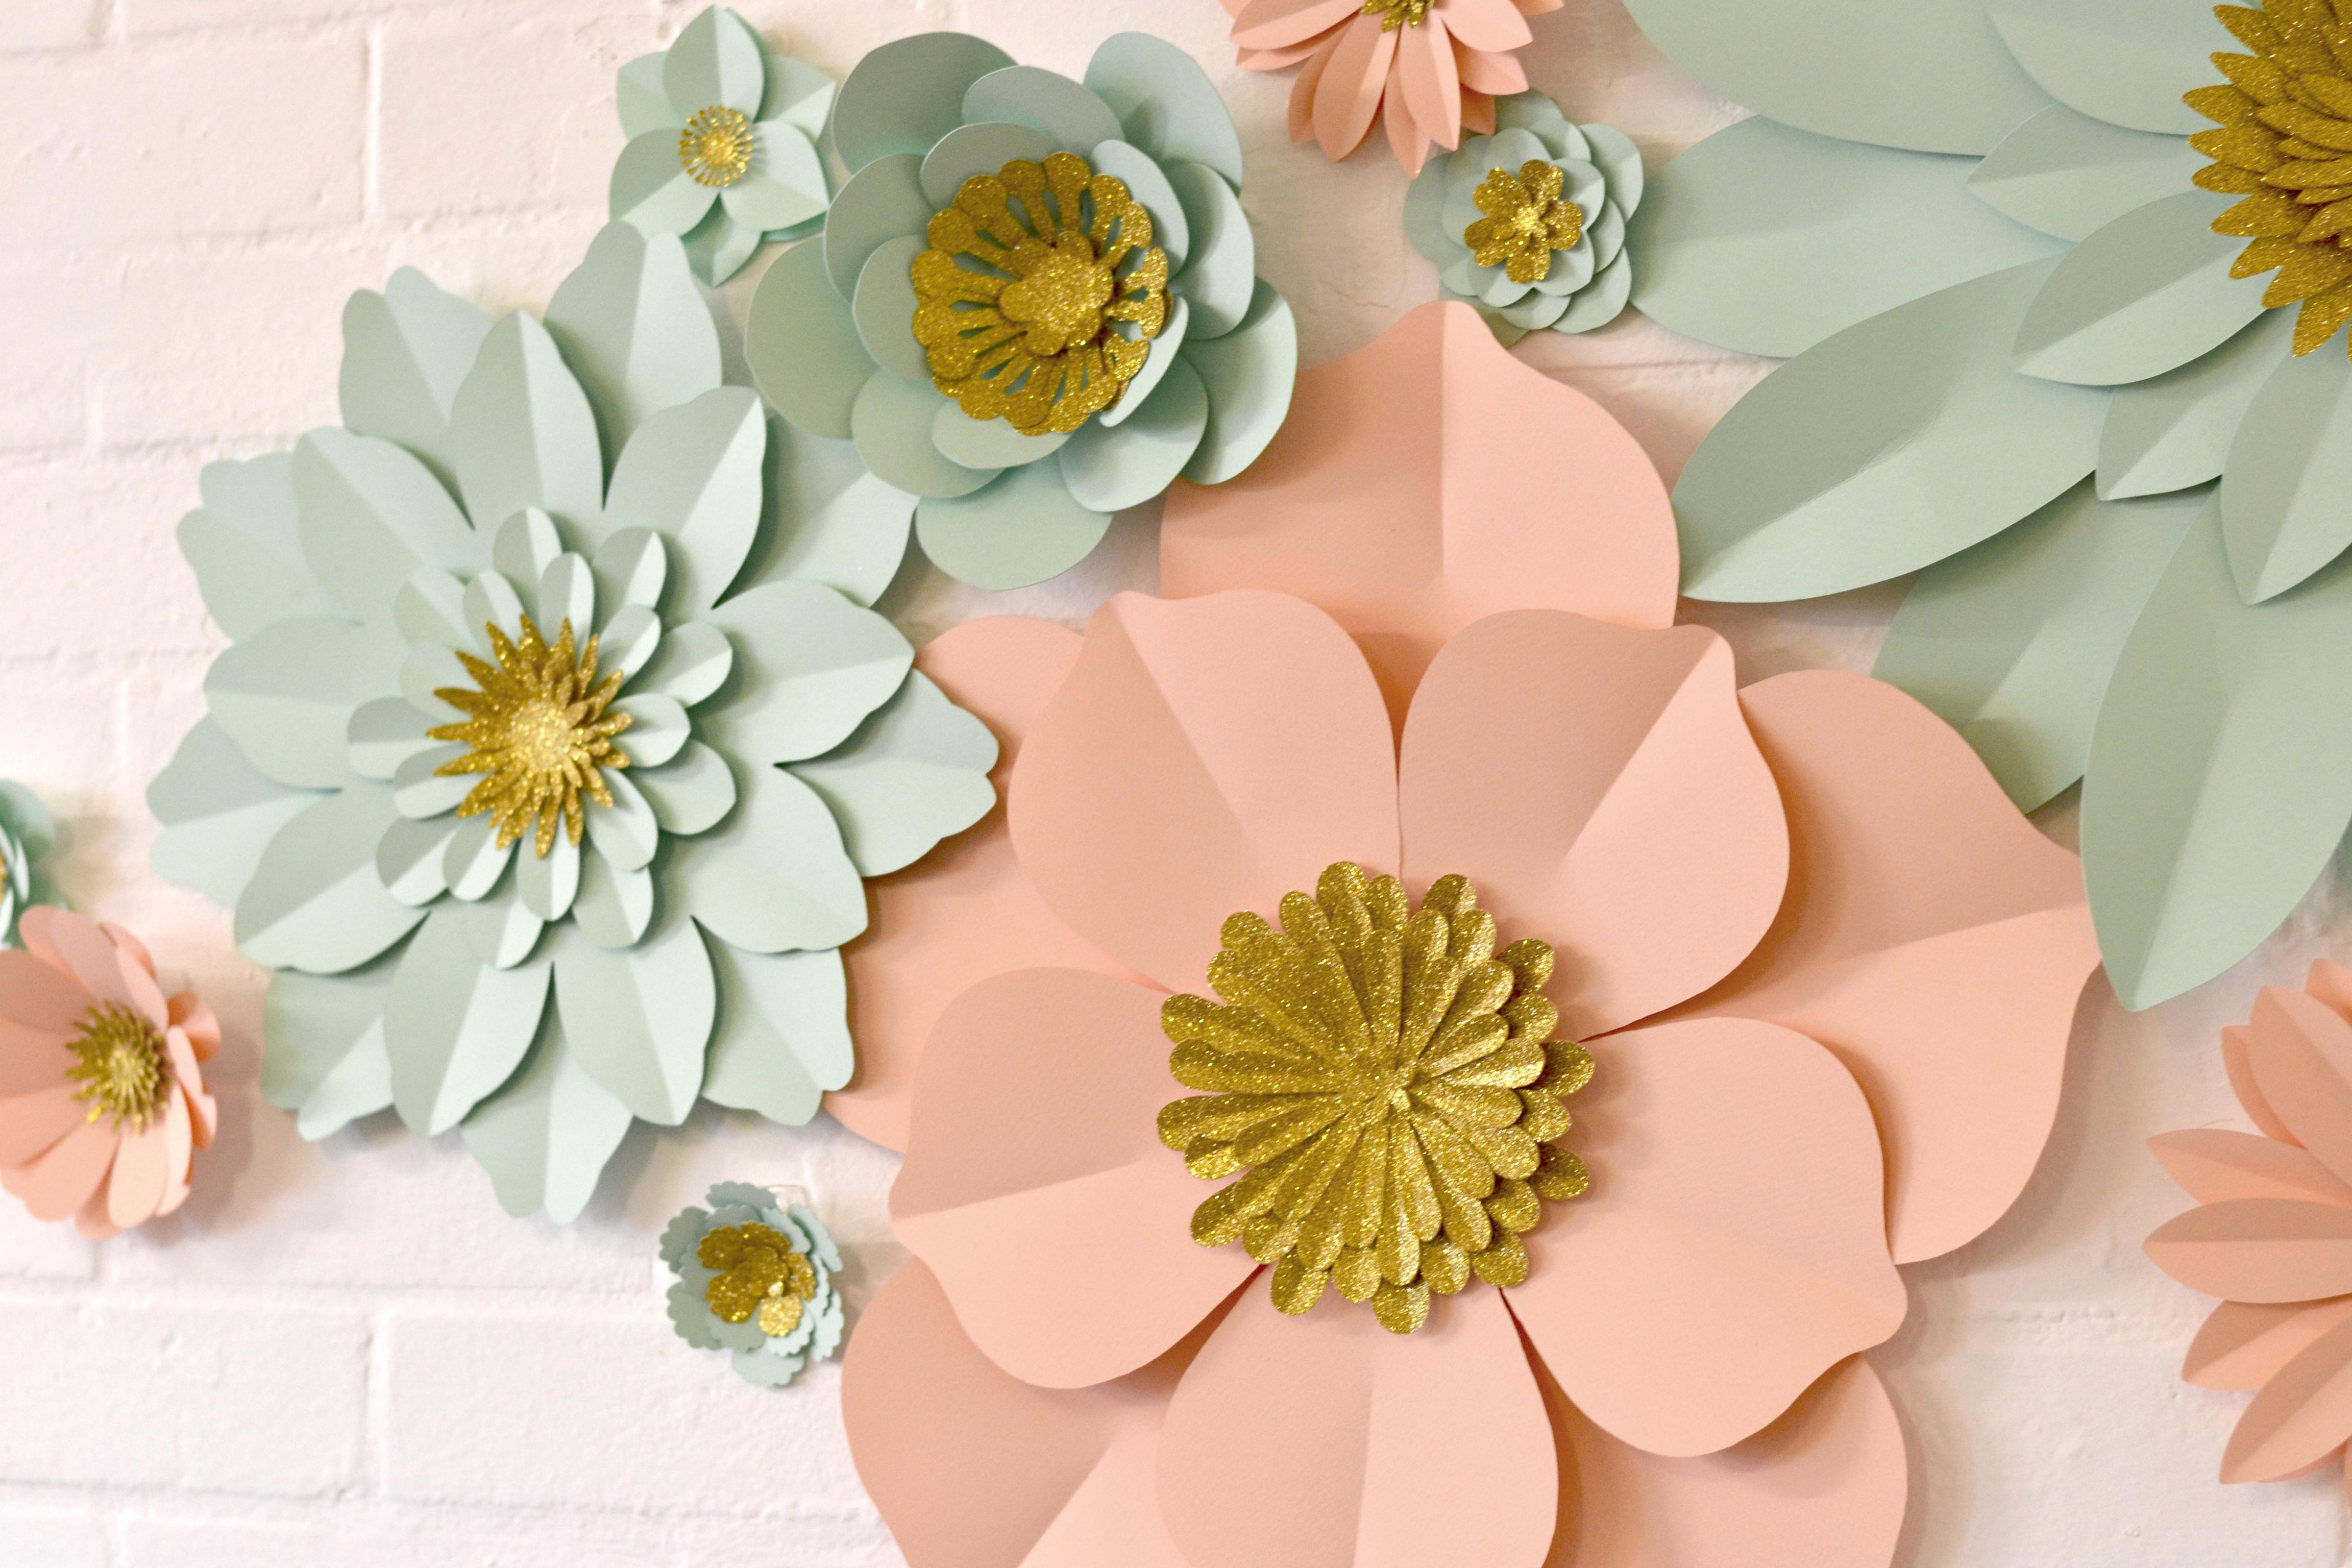 Картинки добрым, объемные цветы для открыток и плакатов